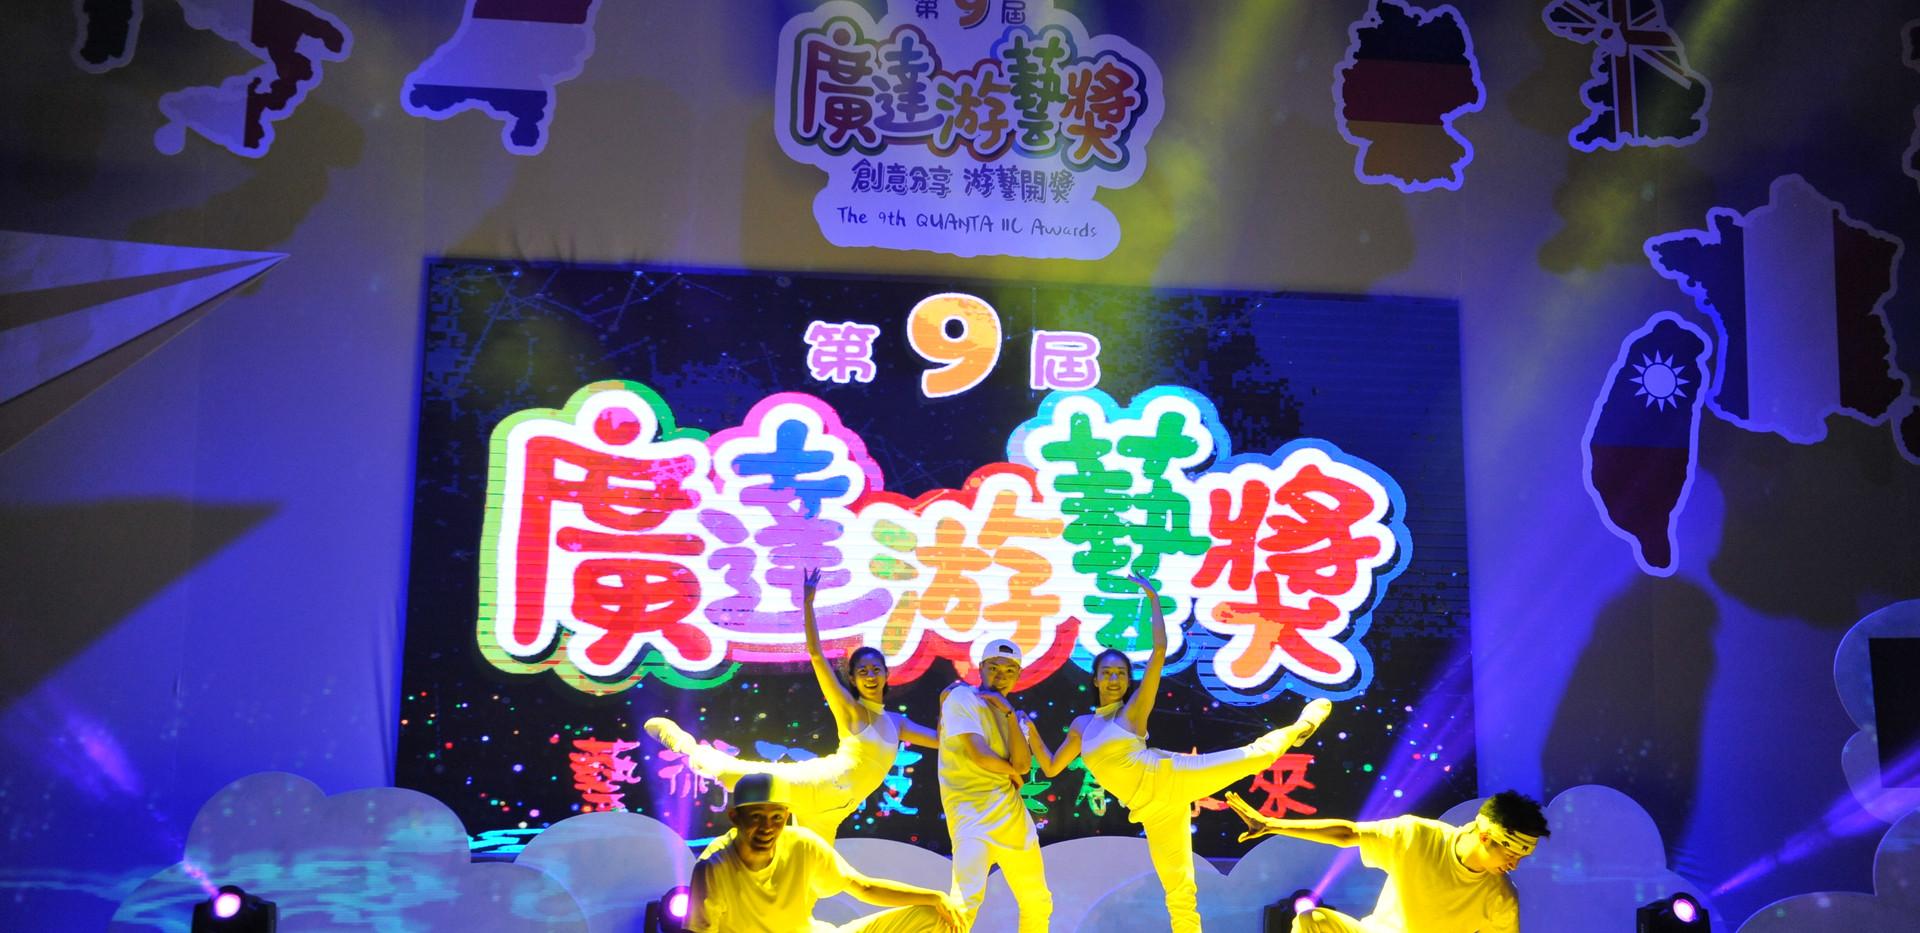 第九屆廣達游藝獎頒獎典禮暨導覽達人決賽